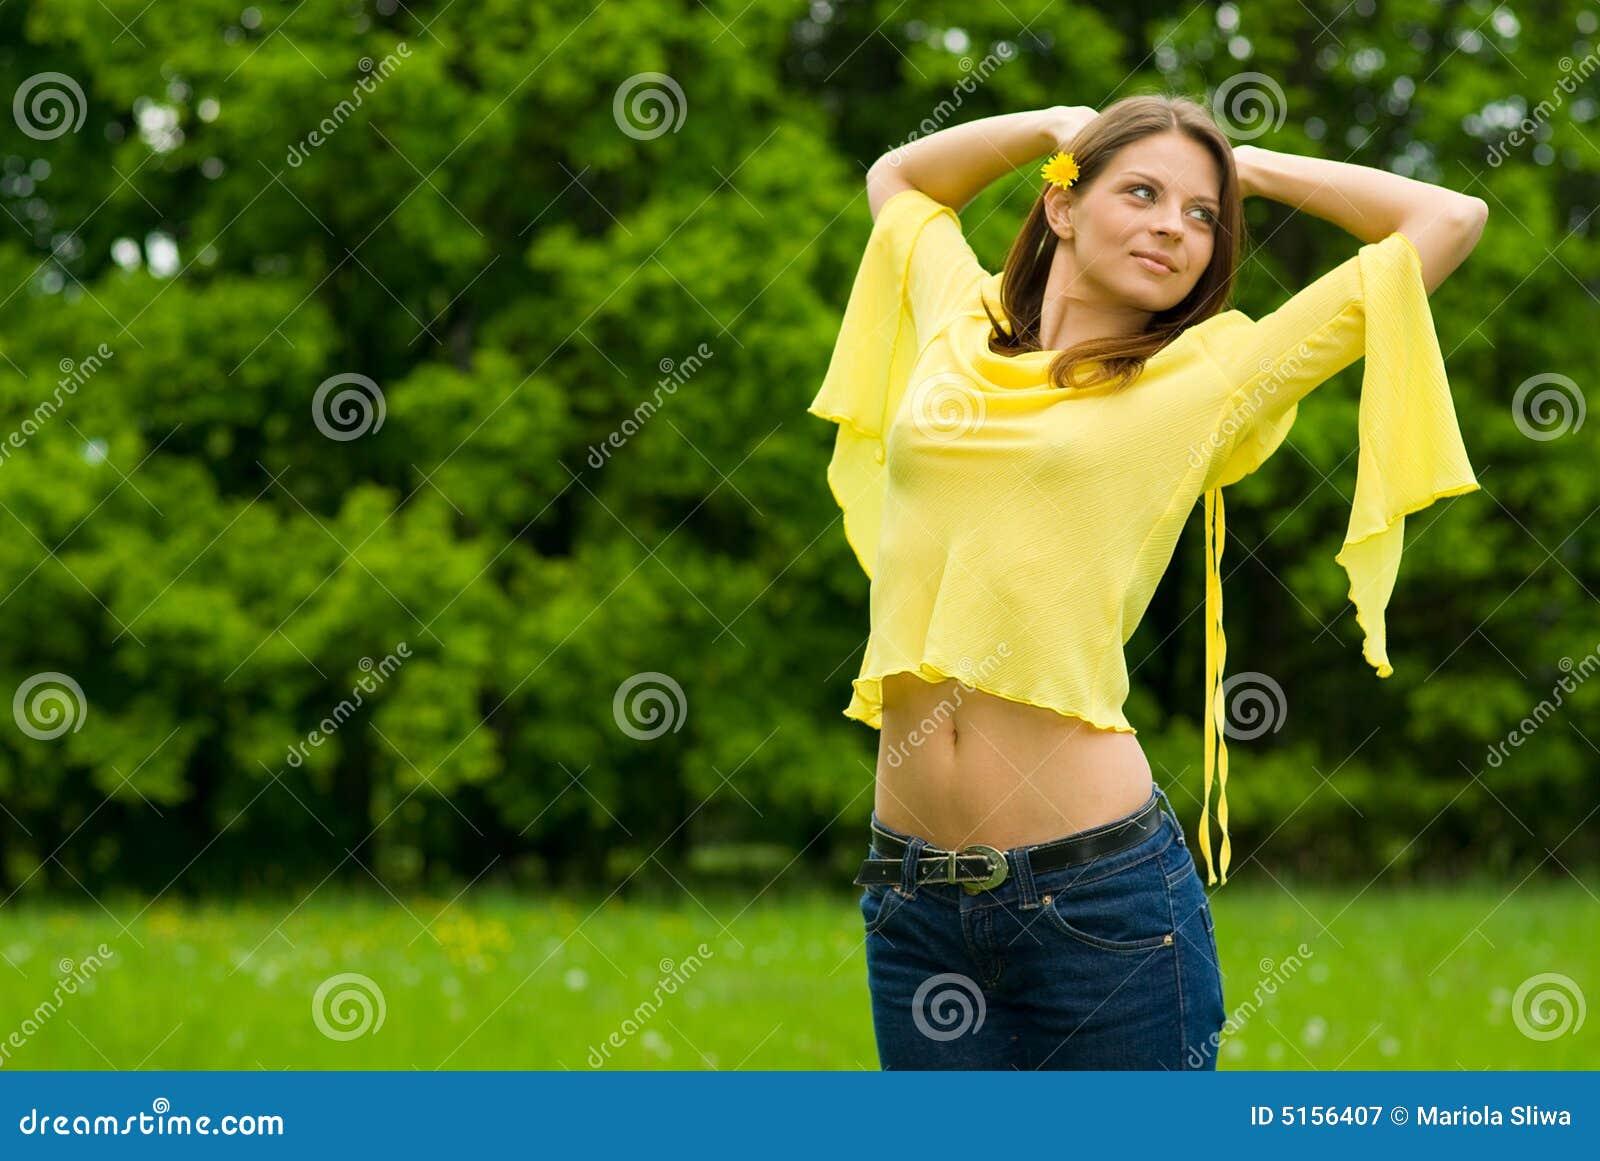 25 jaar oud 20 25 Jaar Oud Mooi Sexy Vrouwenportret Bij O Stock Afbeelding  25 jaar oud